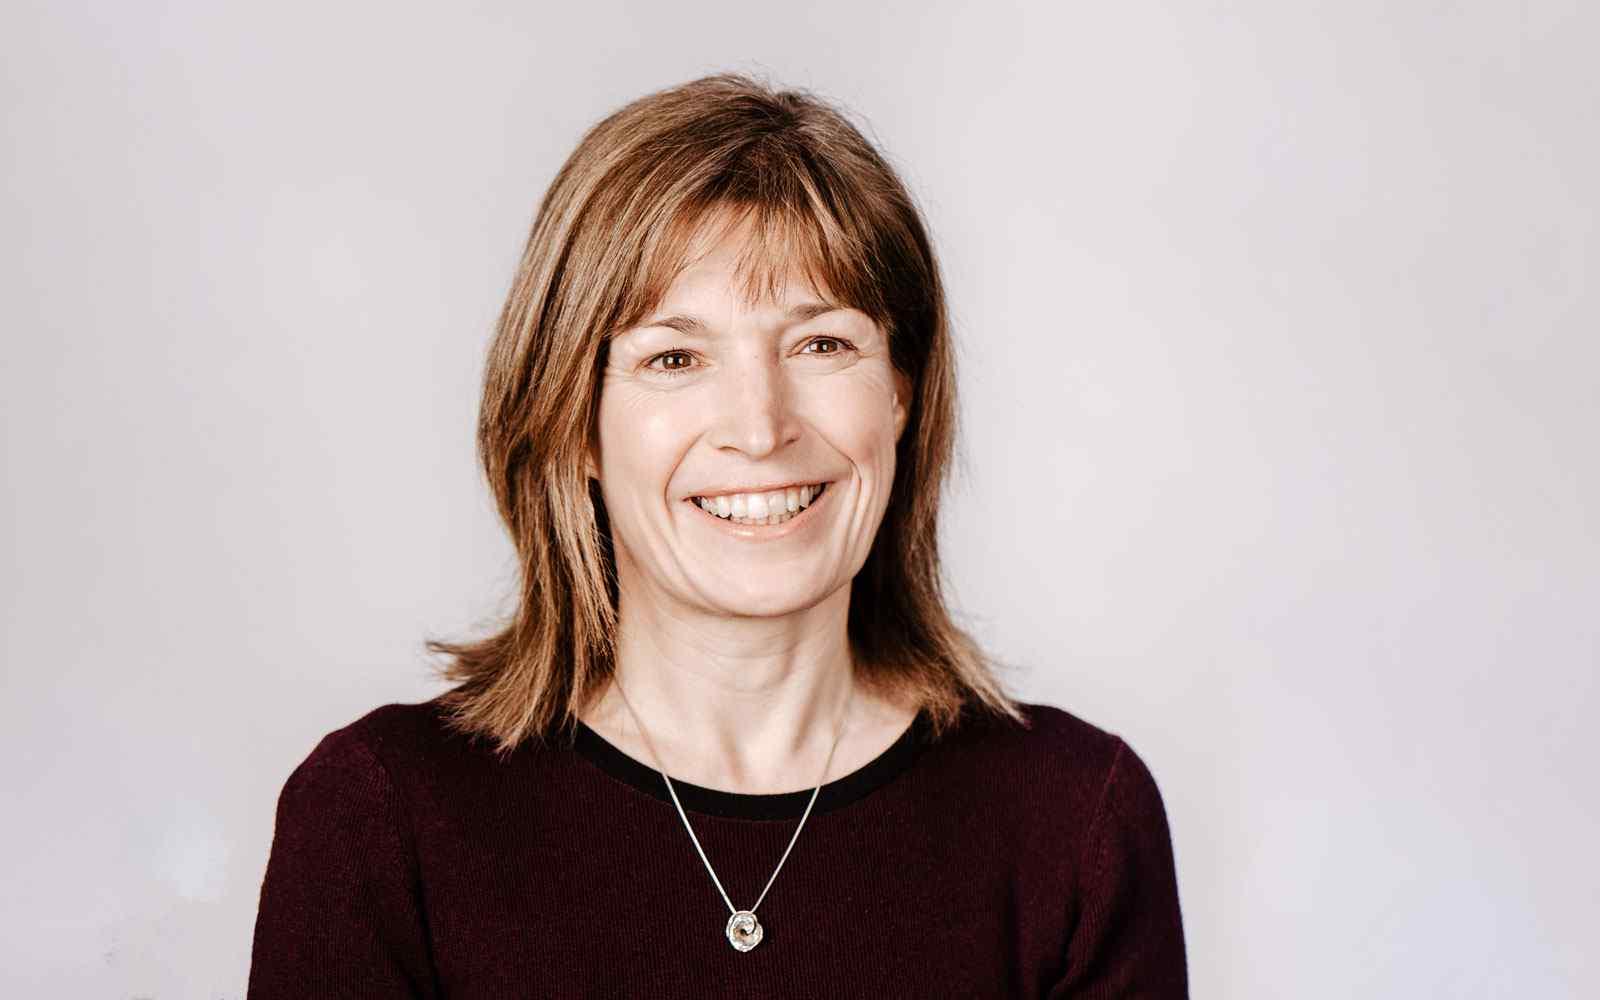 Dr Amanda Wilcox